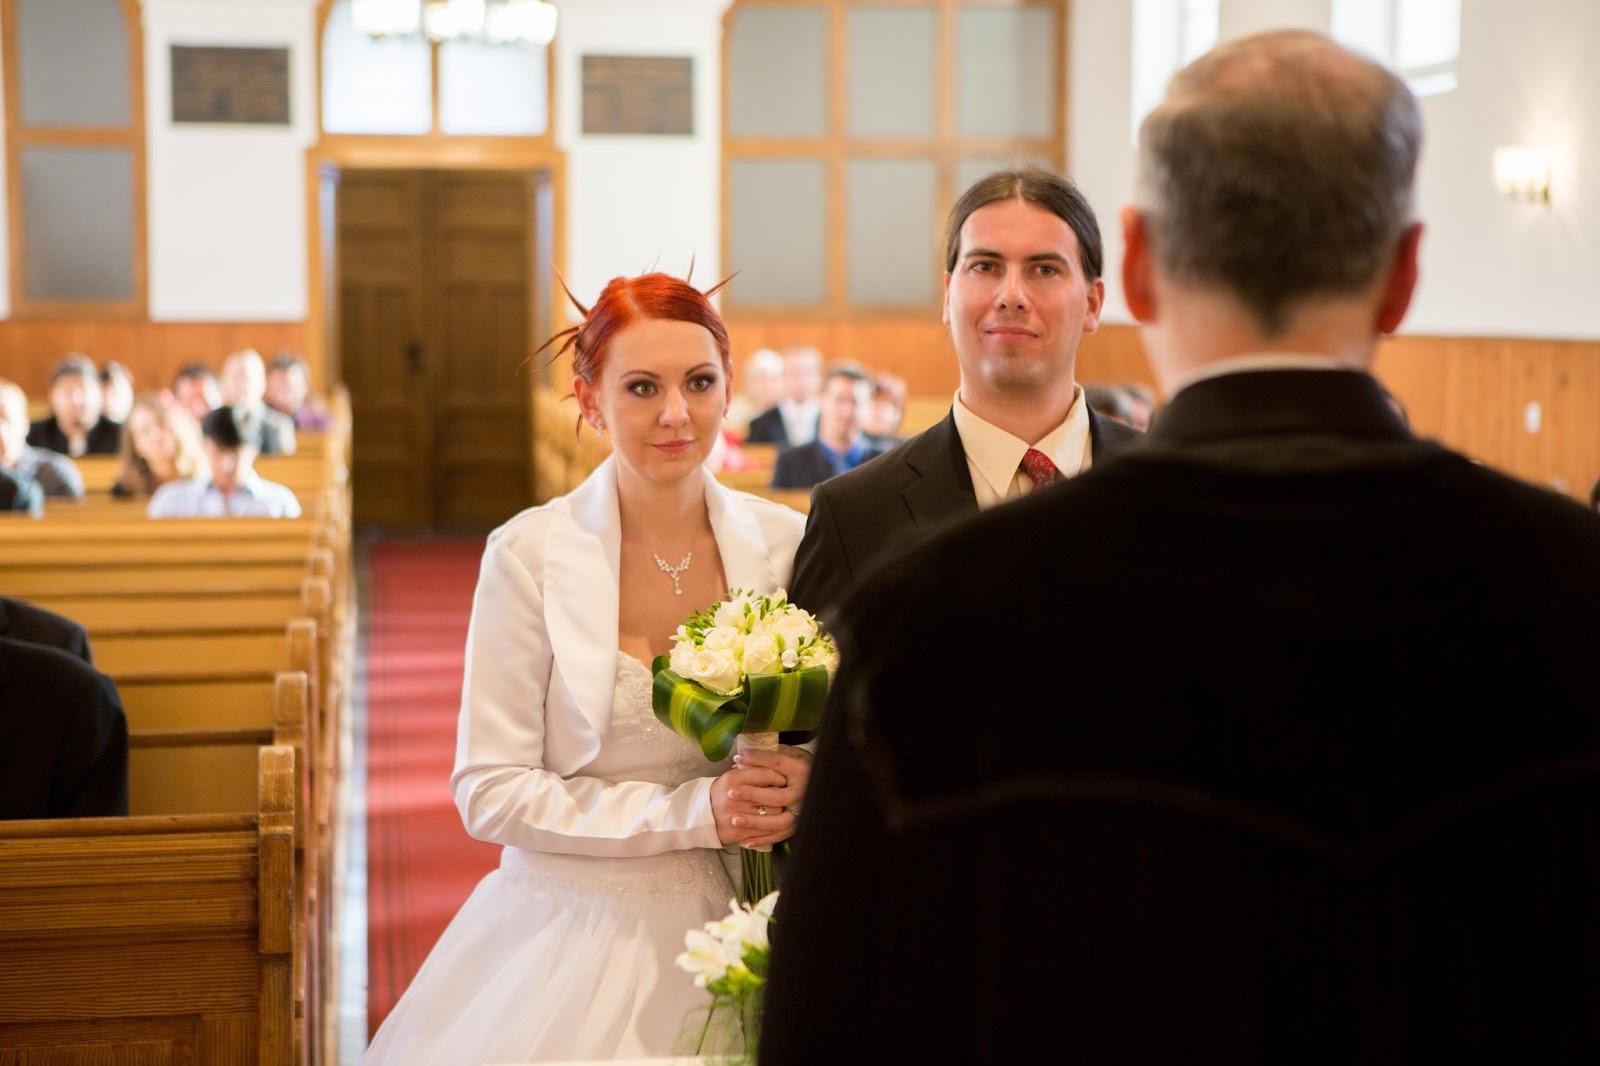 házasságkötés újpest társkereső, amikor